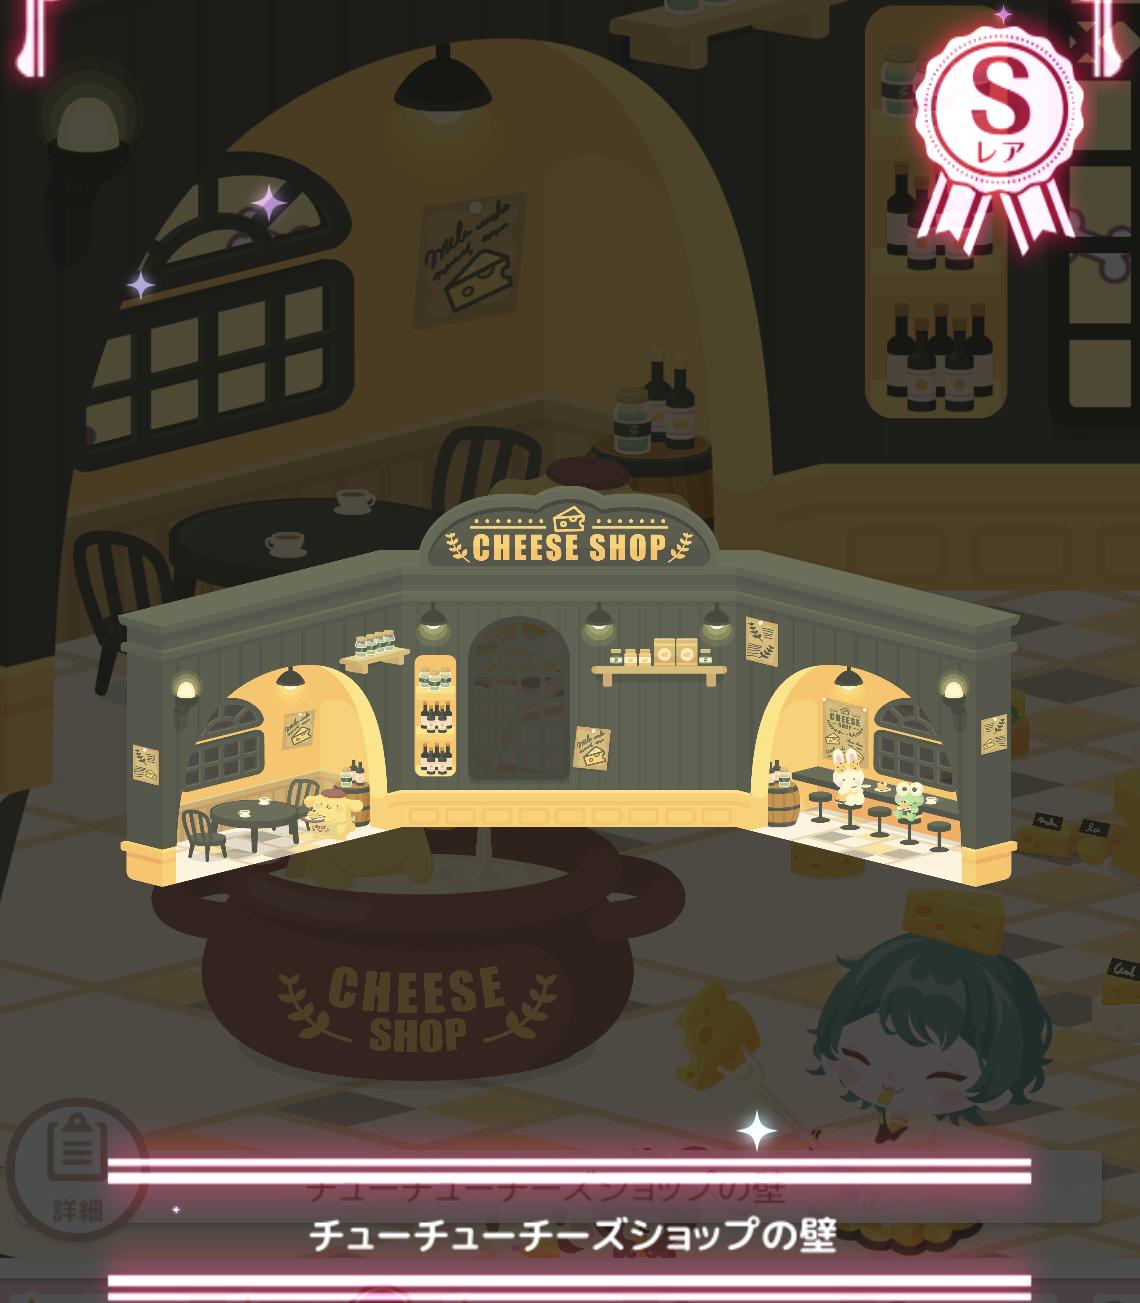 チューチューチーズショップの壁